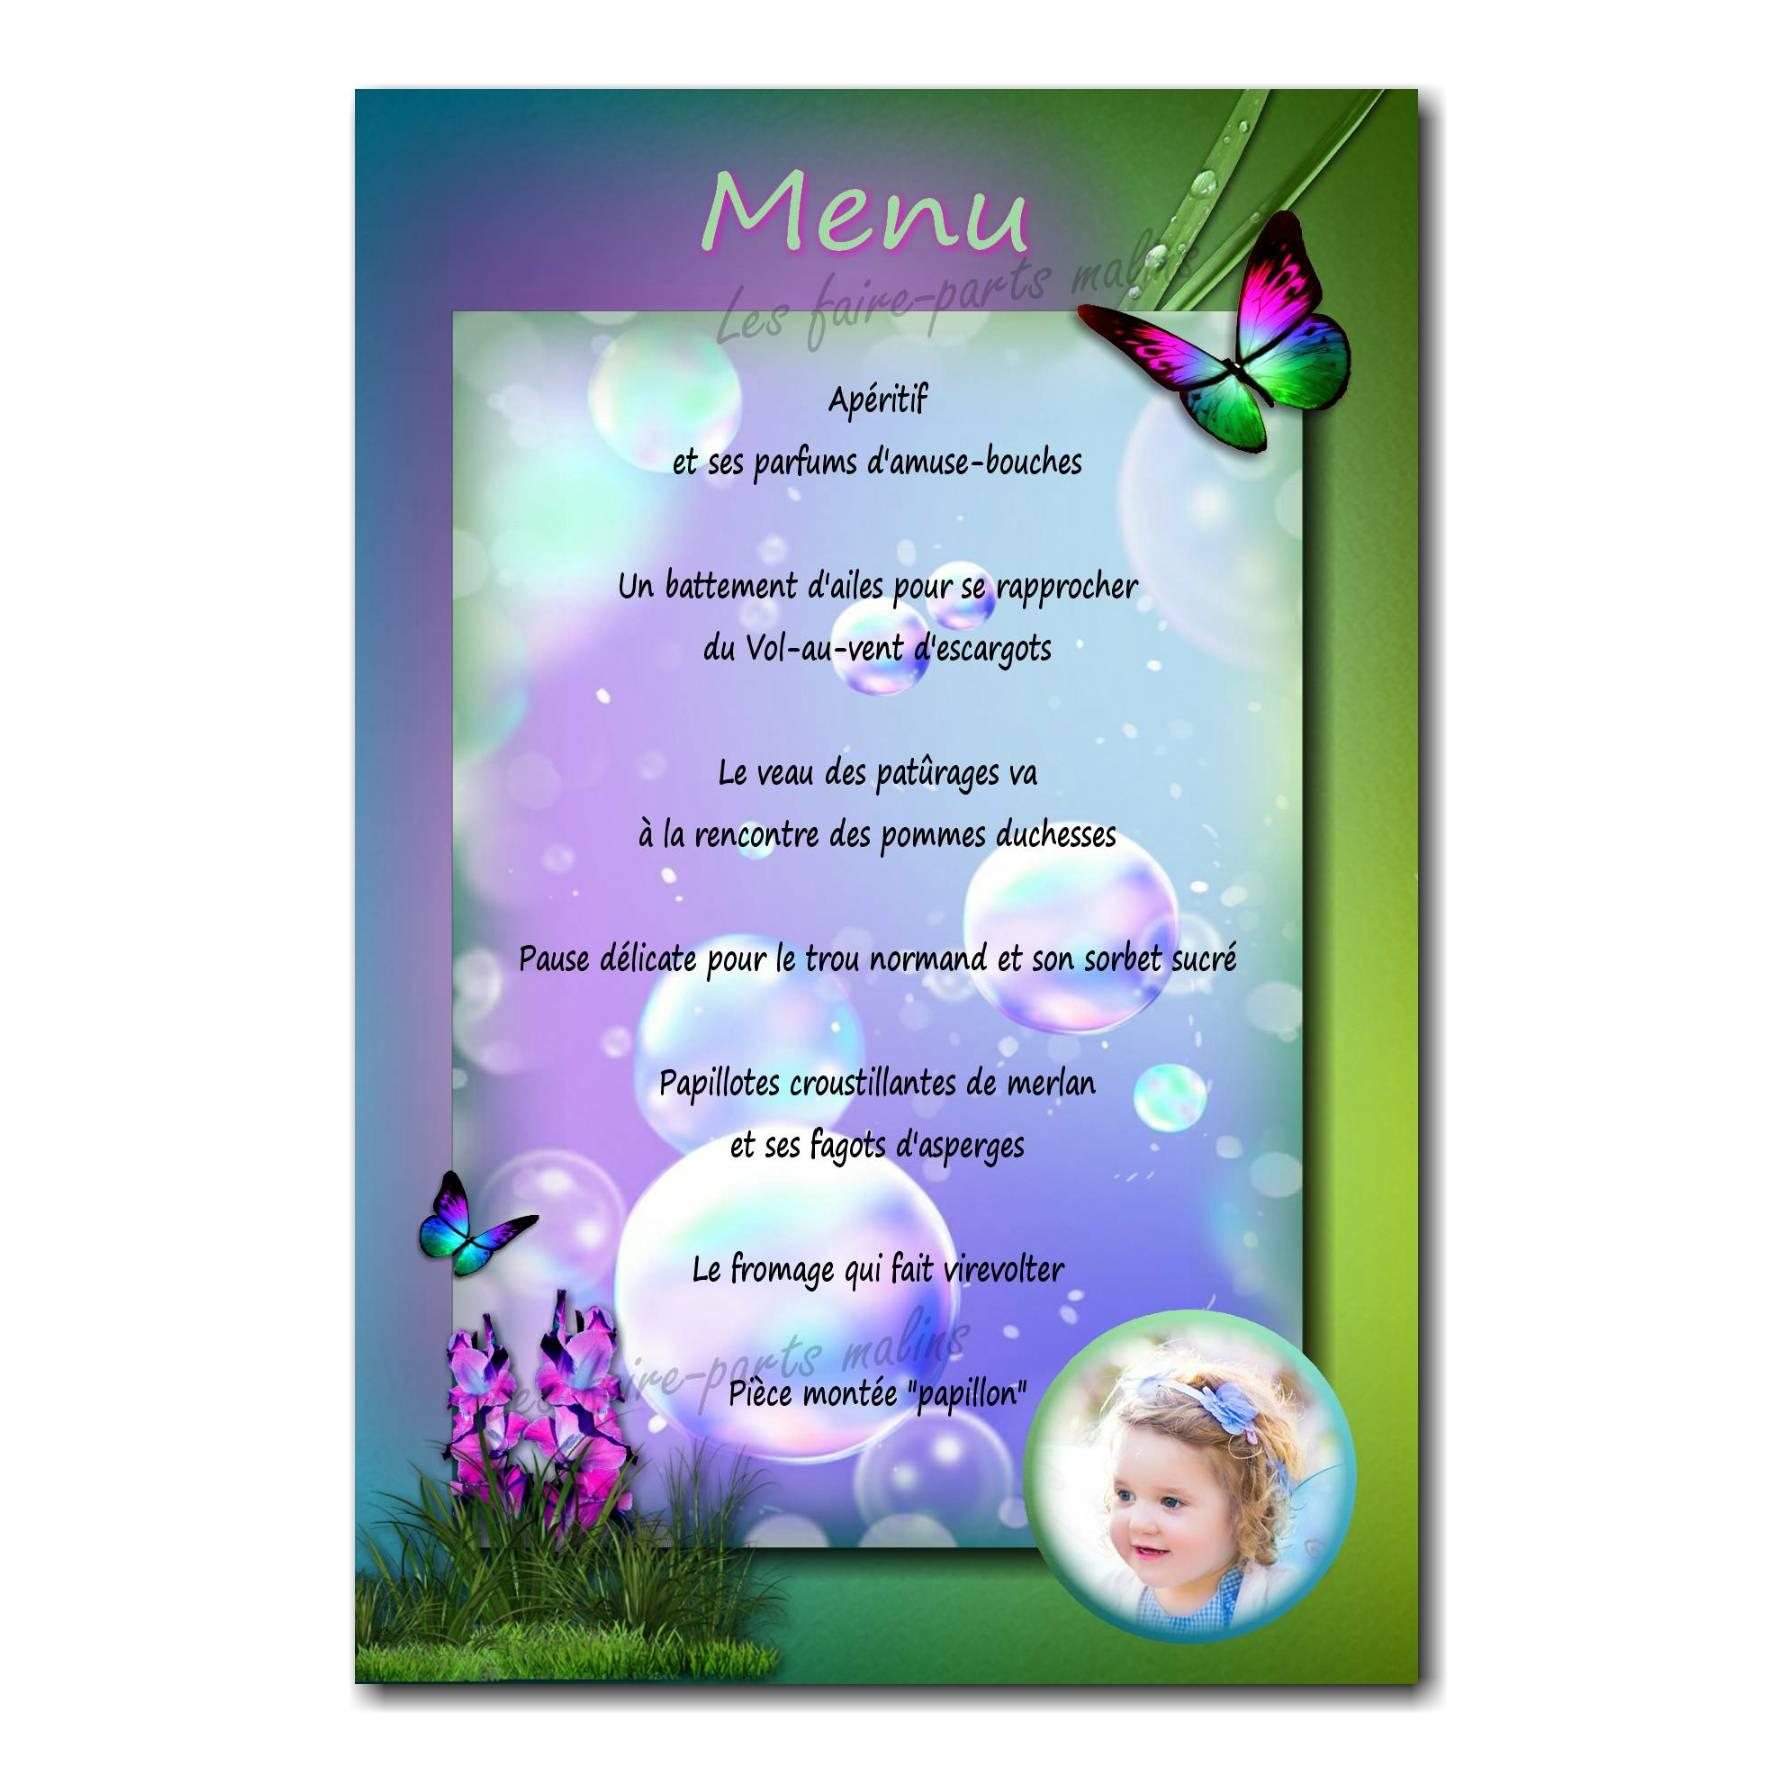 34 fille menu photo